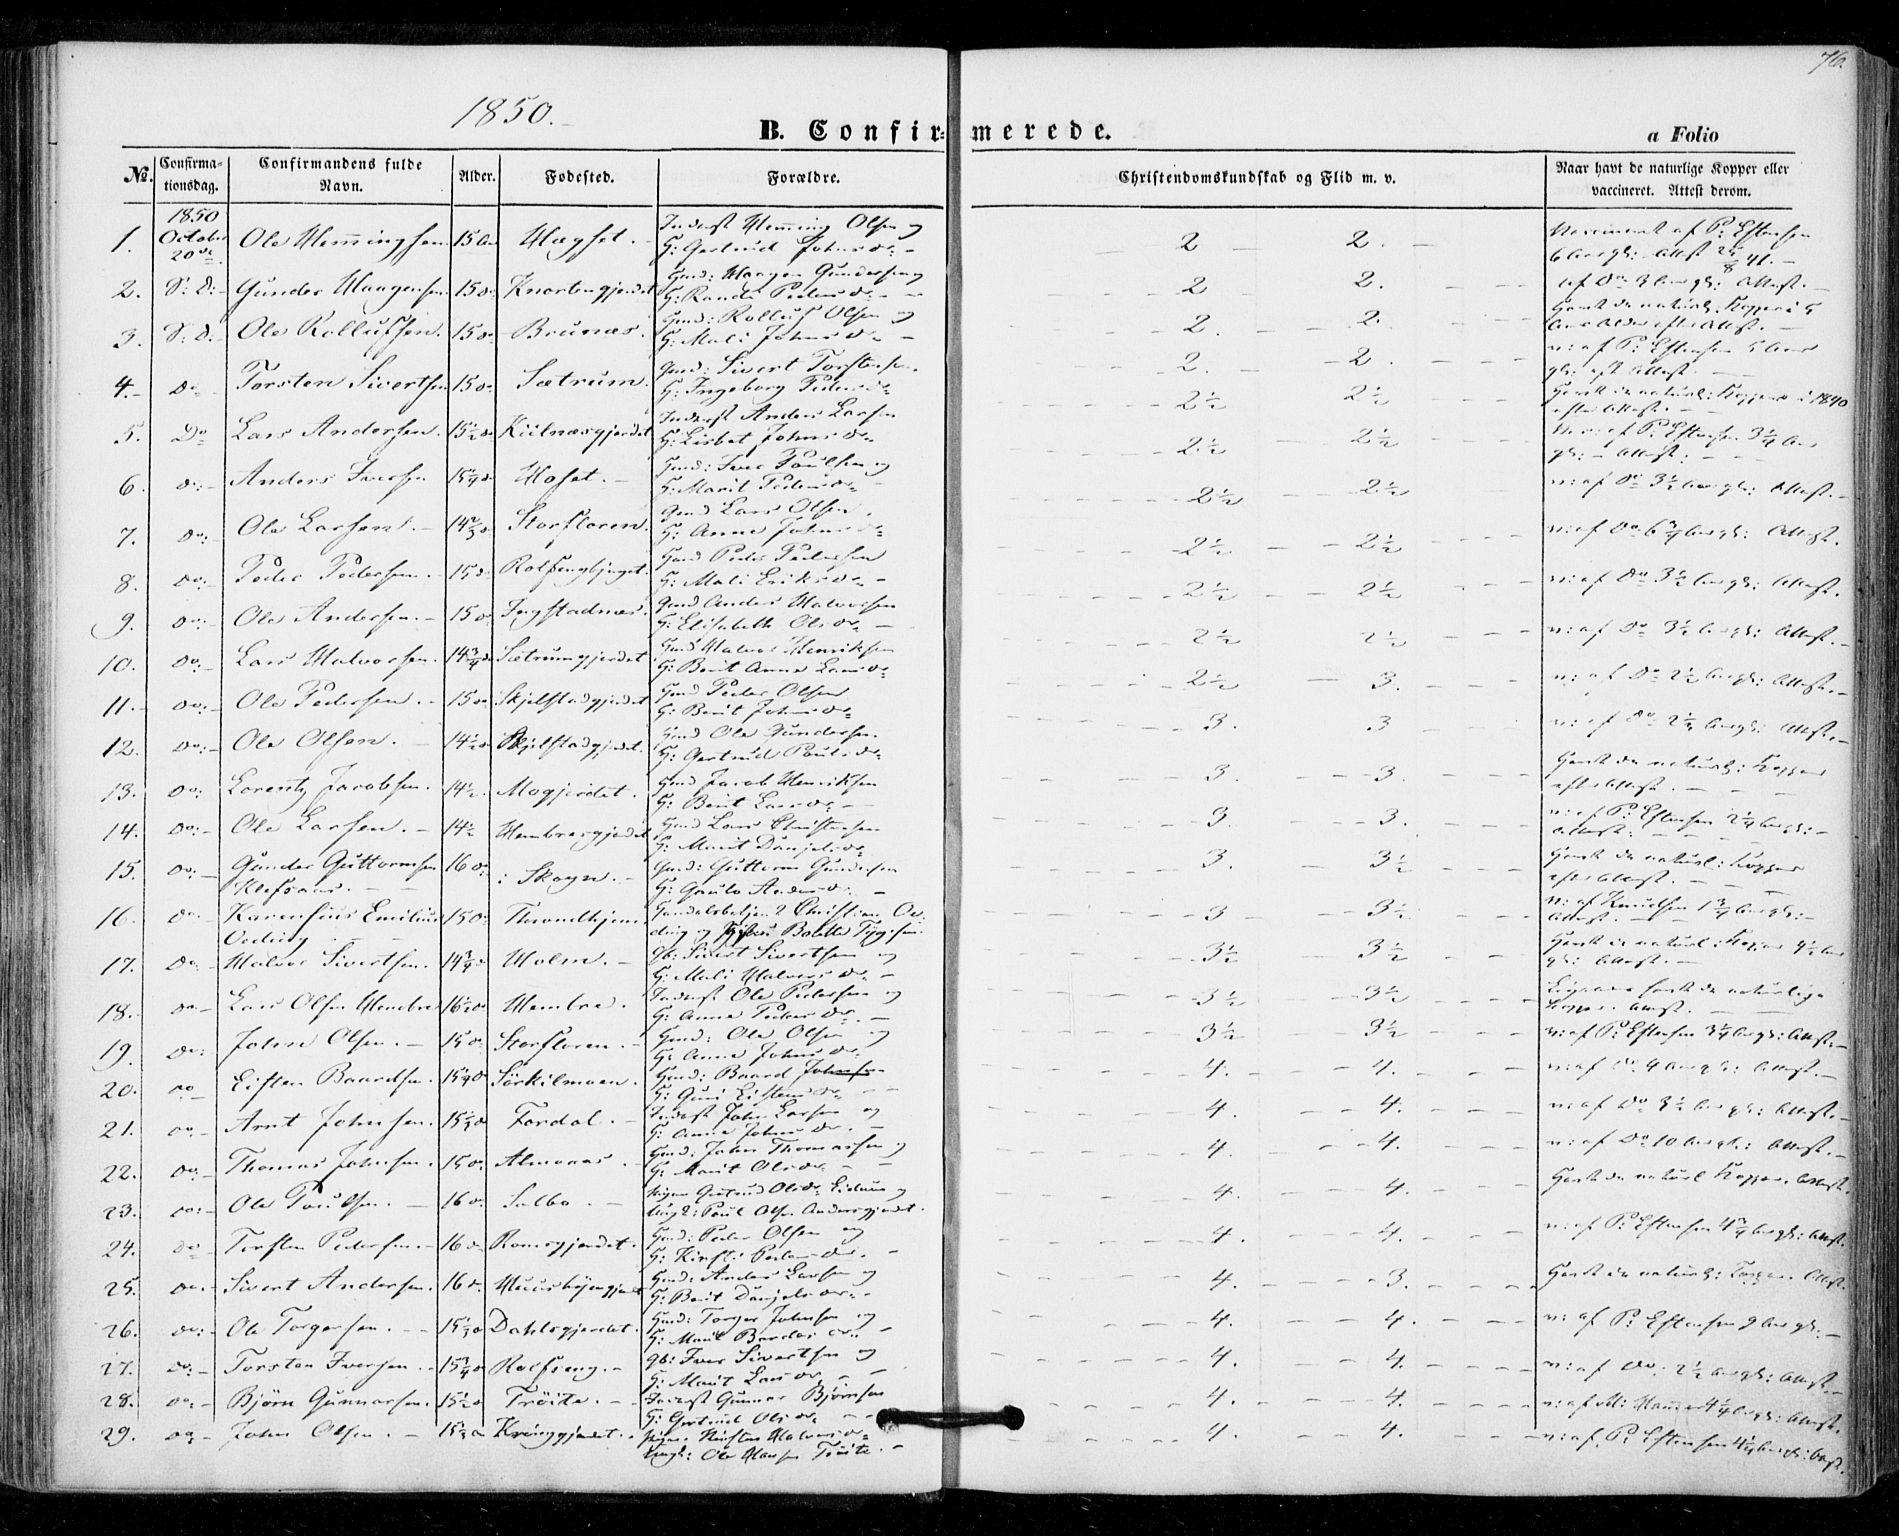 SAT, Ministerialprotokoller, klokkerbøker og fødselsregistre - Nord-Trøndelag, 703/L0028: Ministerialbok nr. 703A01, 1850-1862, s. 76